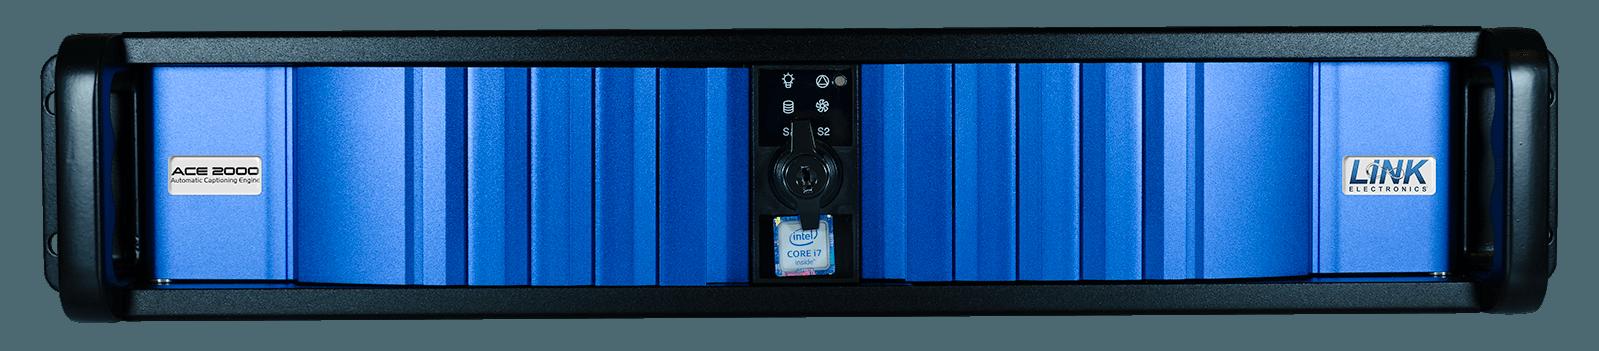 Link Electronics Ace 2000 Captioning Engine